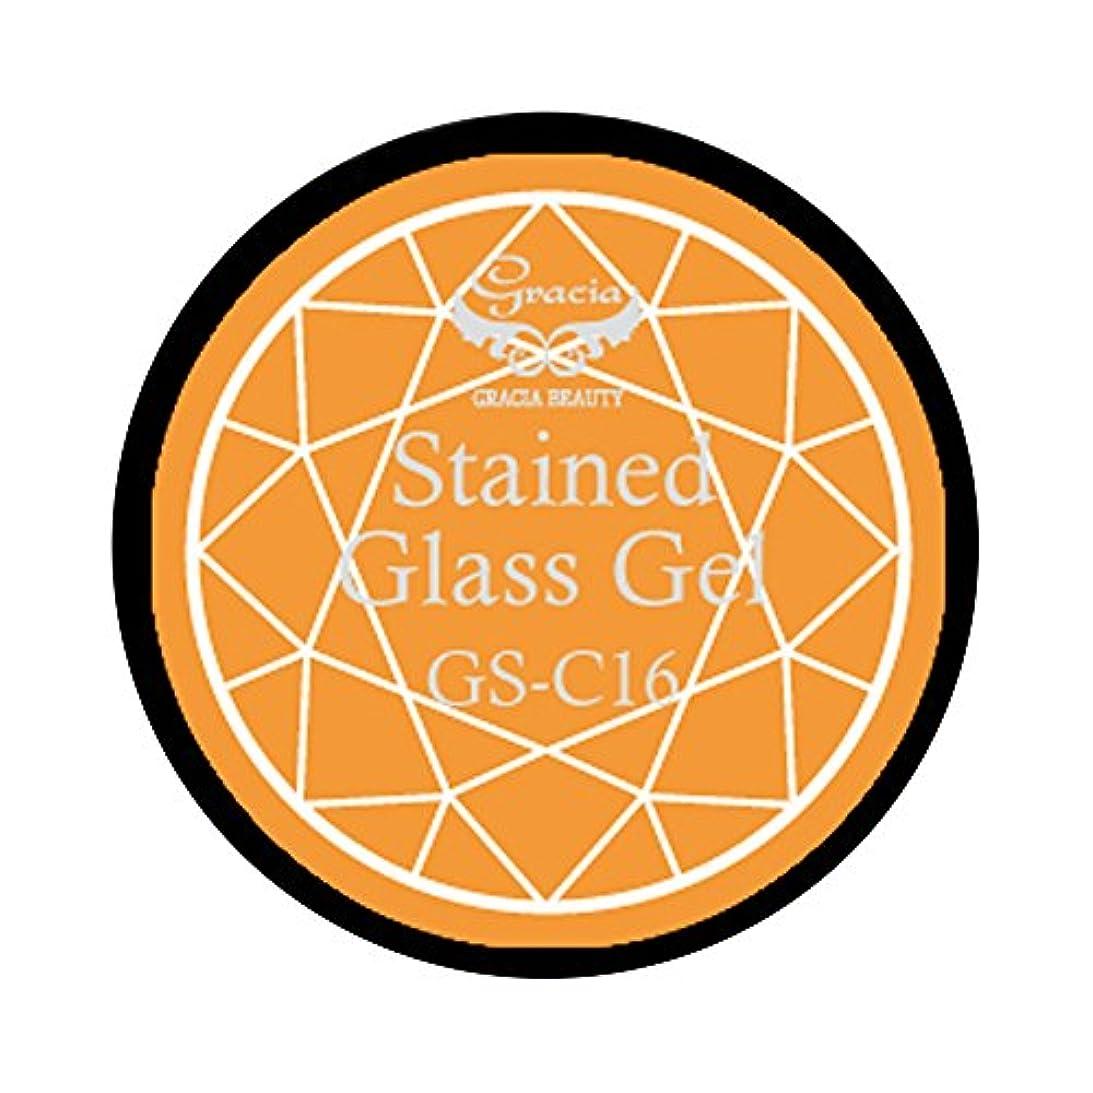 学習胆嚢宿題グラシア ジェルネイル ステンドグラスジェル GSM-C16 3g  クリア UV/LED対応 カラージェル ソークオフジェル ガラスのような透明感